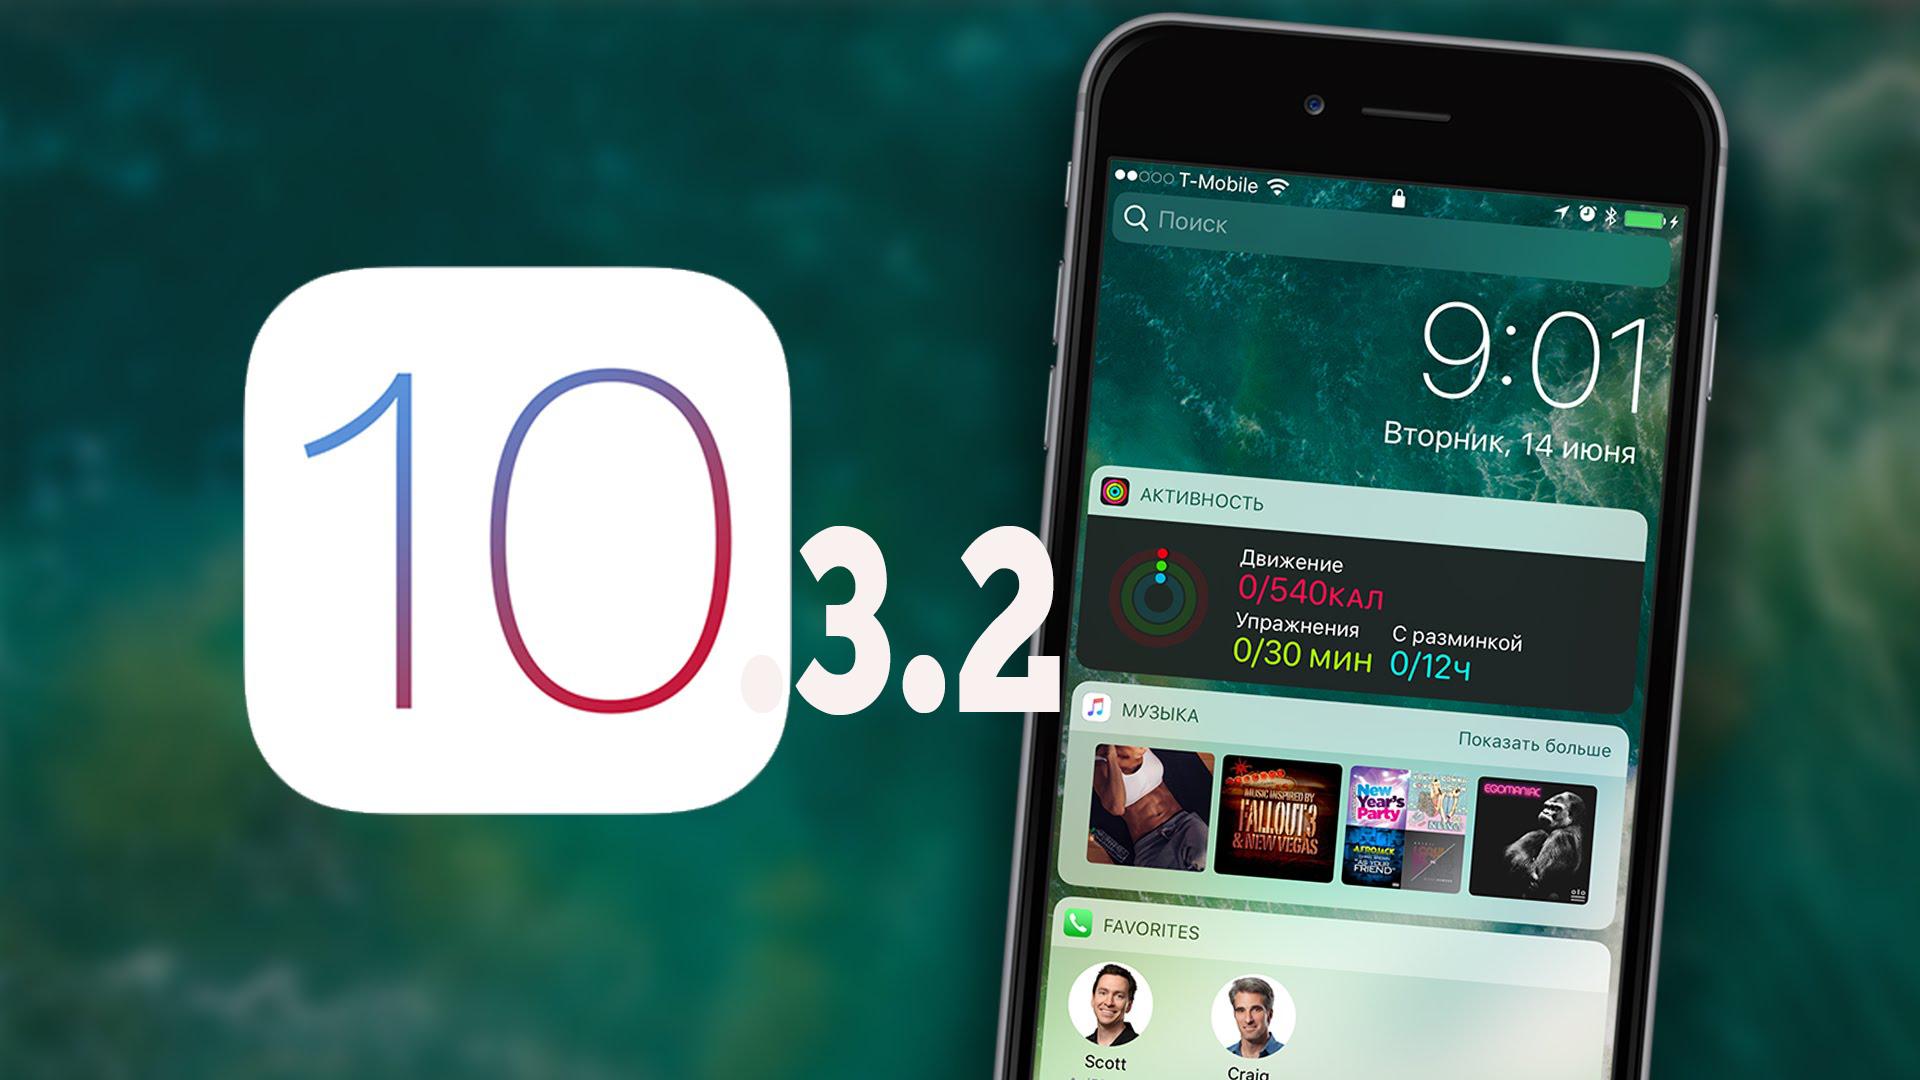 Khám phá những điểm mới trên iOS 10.3.2